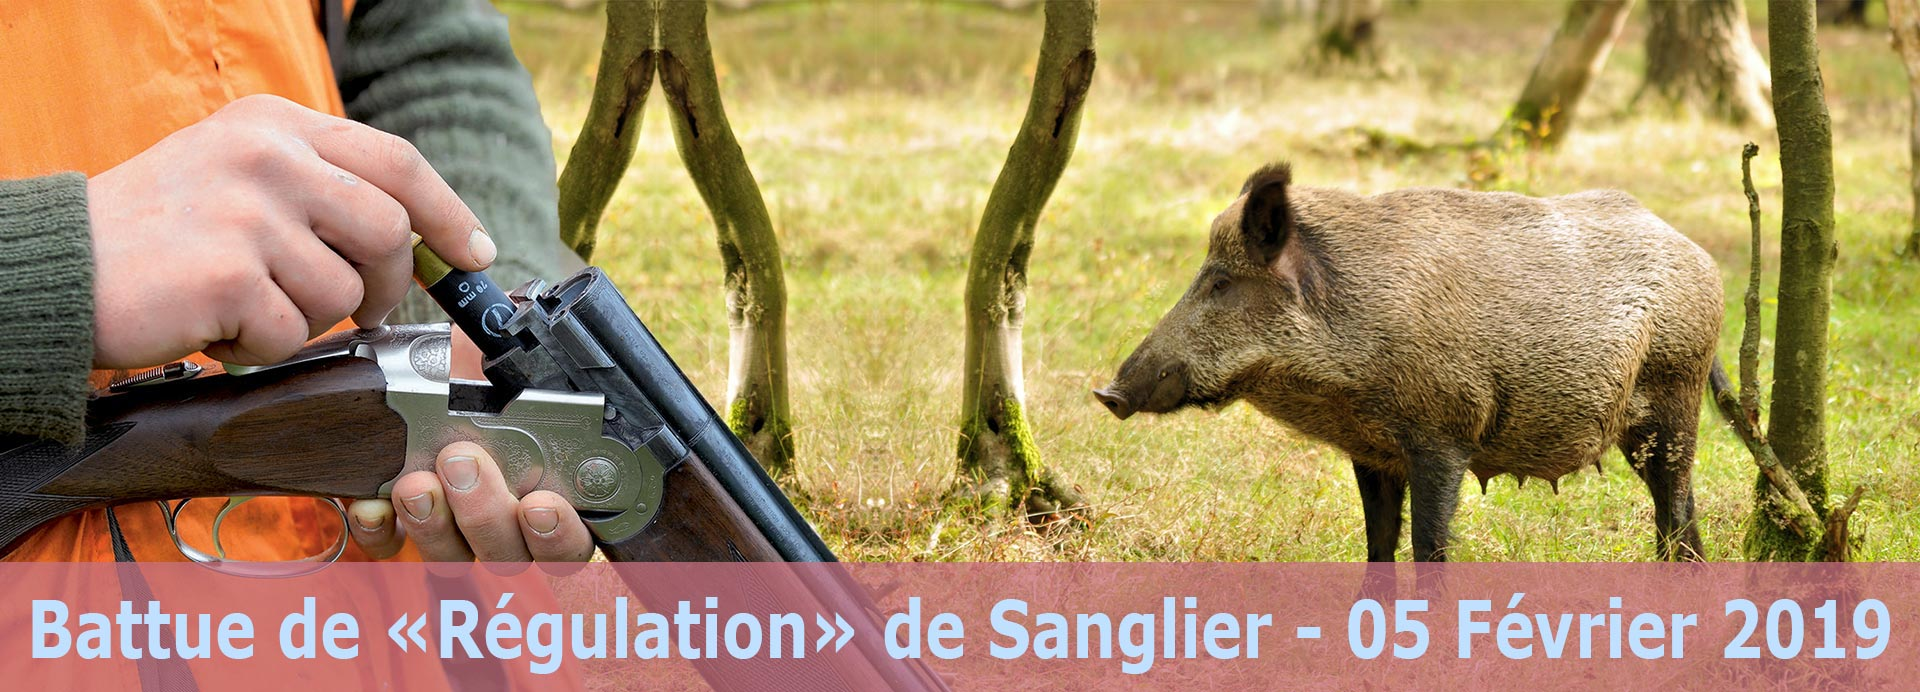 Battue de Régulation de Sanglier, le 05 Février 2019